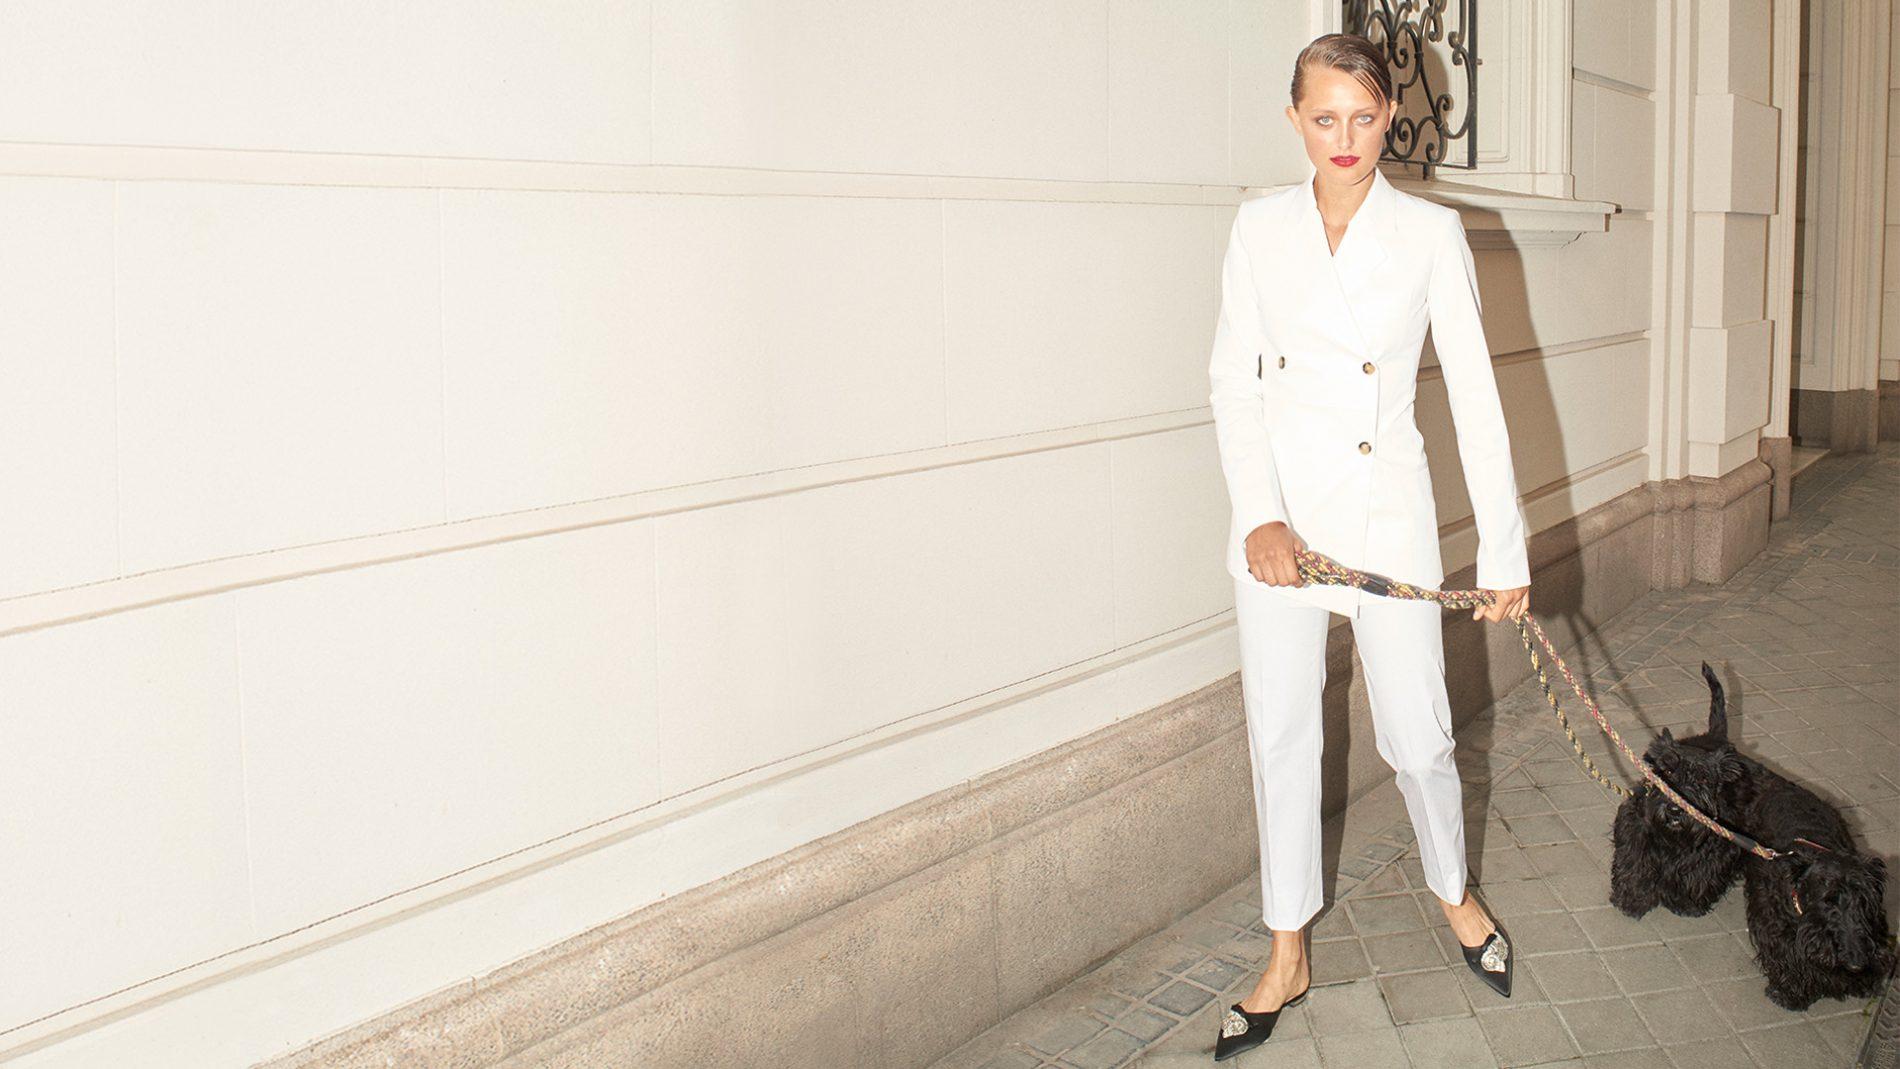 El Corte Inglés Ready-To-Wear Shoes Helmut Lang Rochas